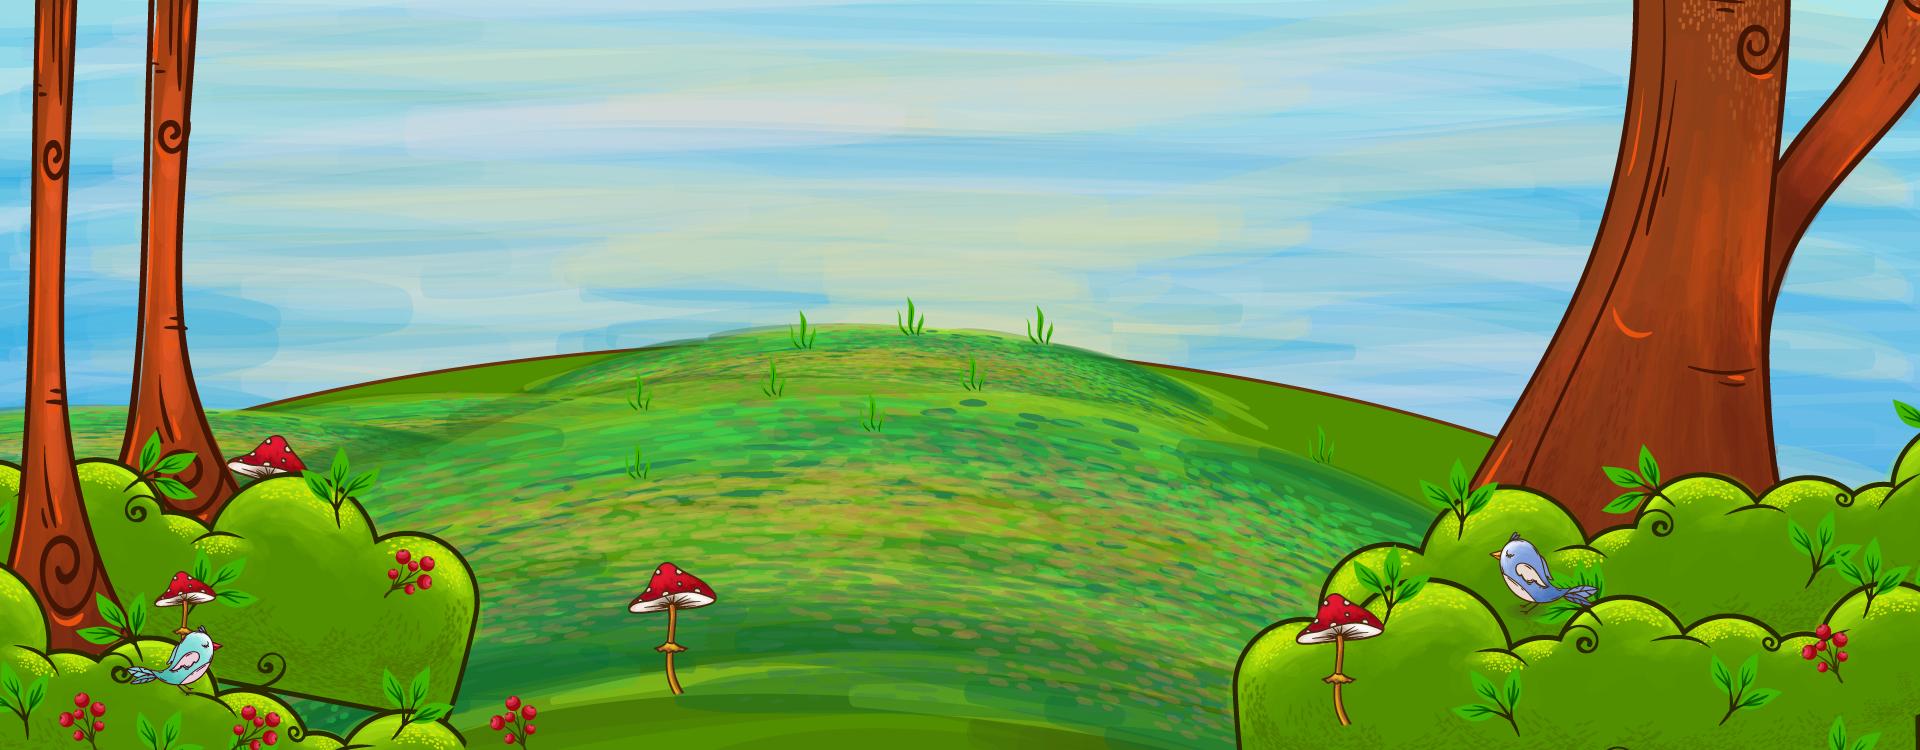 campo de golfe curso gramado fundo meadow sky ver u00e3o imagem